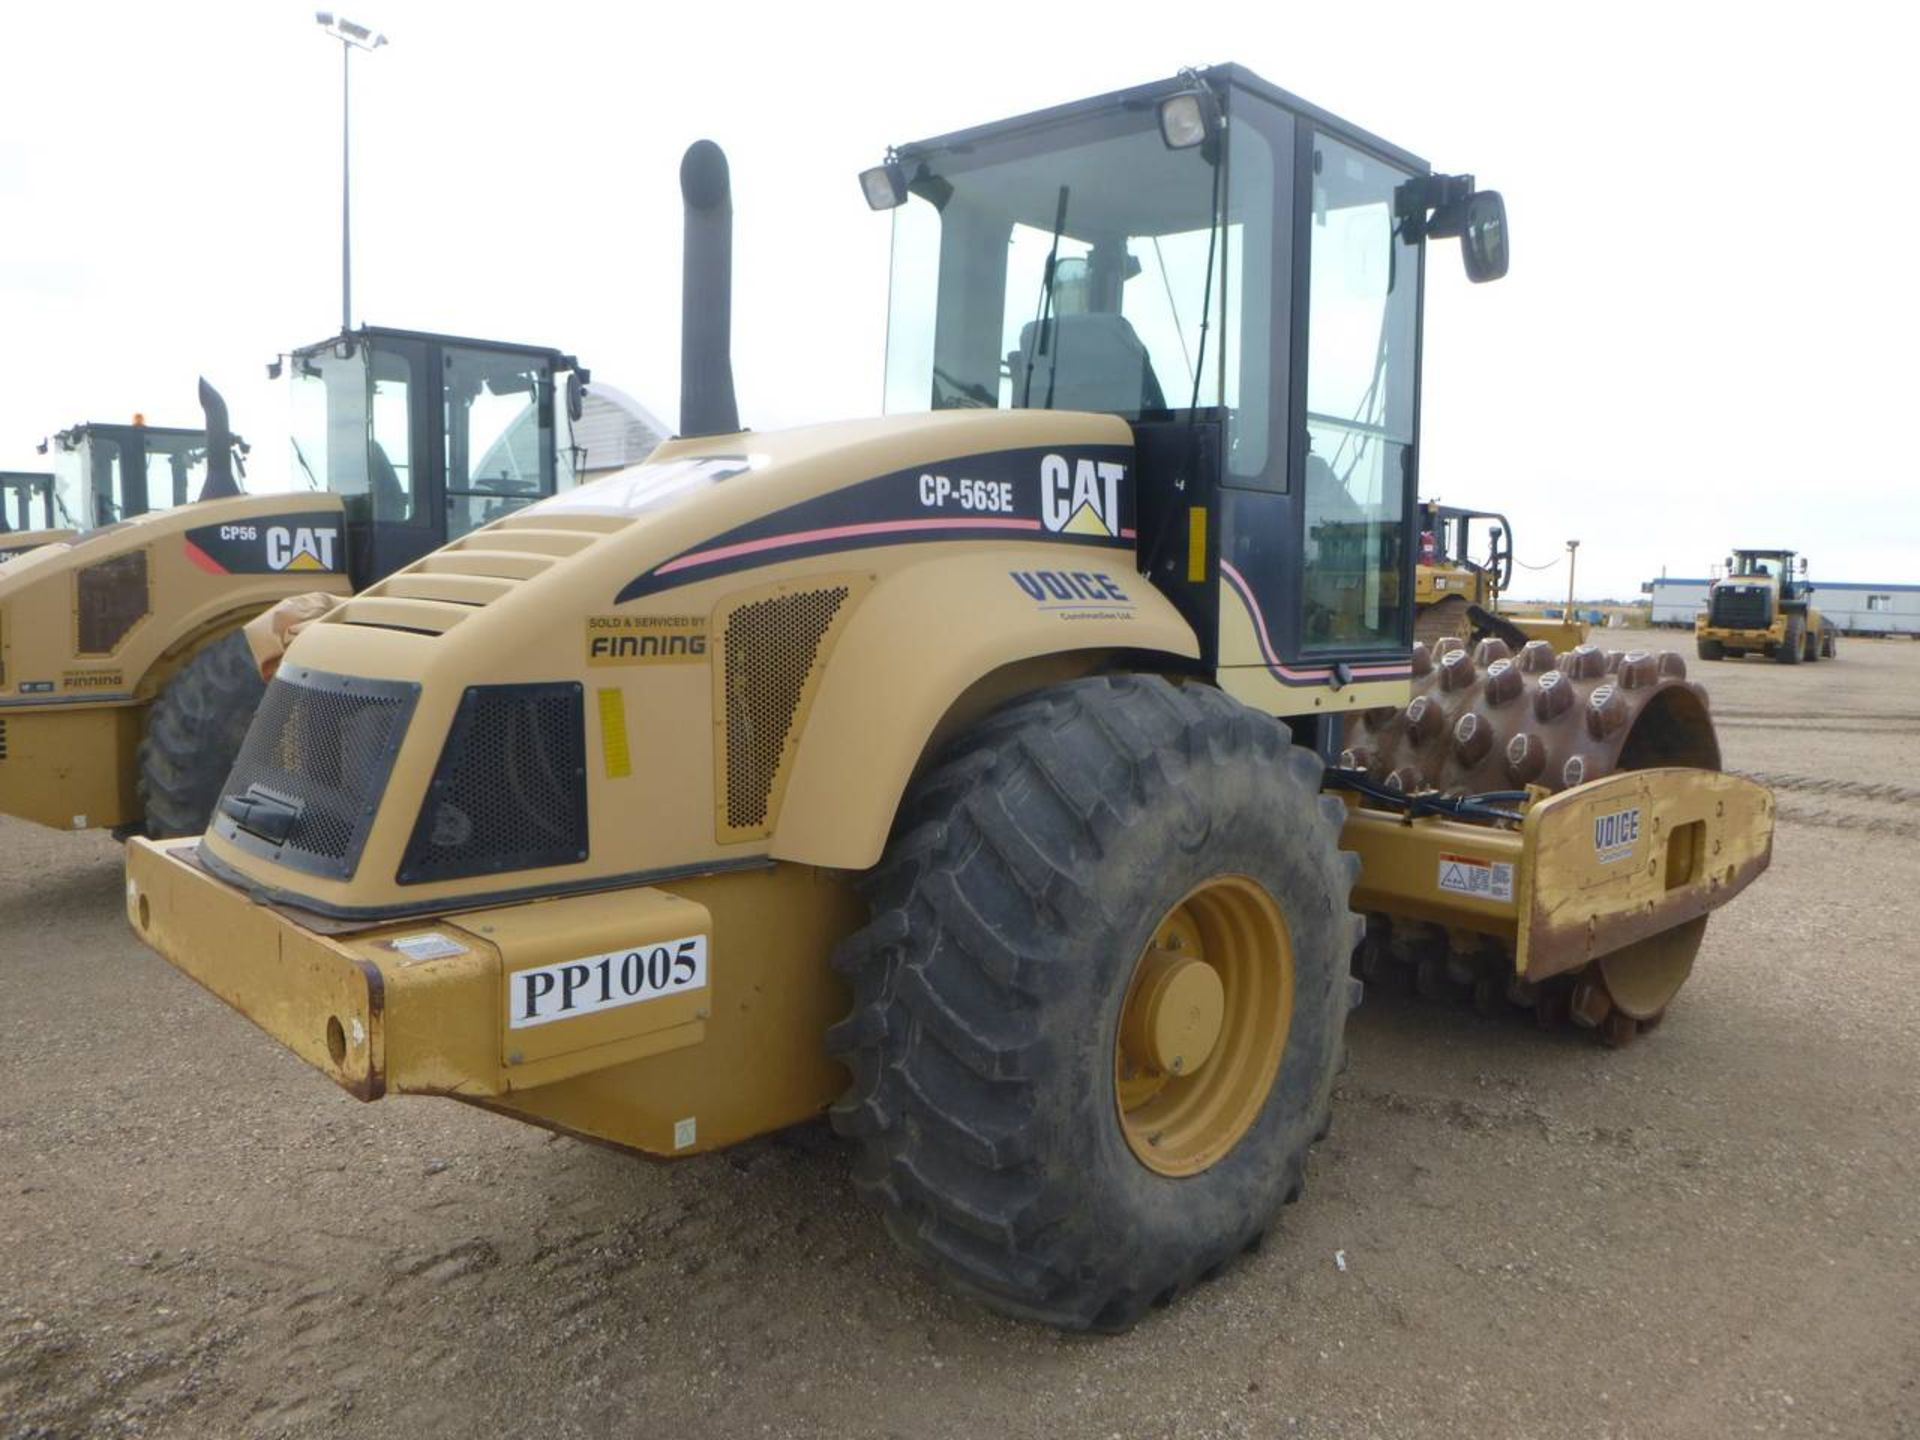 2006 Caterpillar CP-563E Compactor - Image 3 of 9